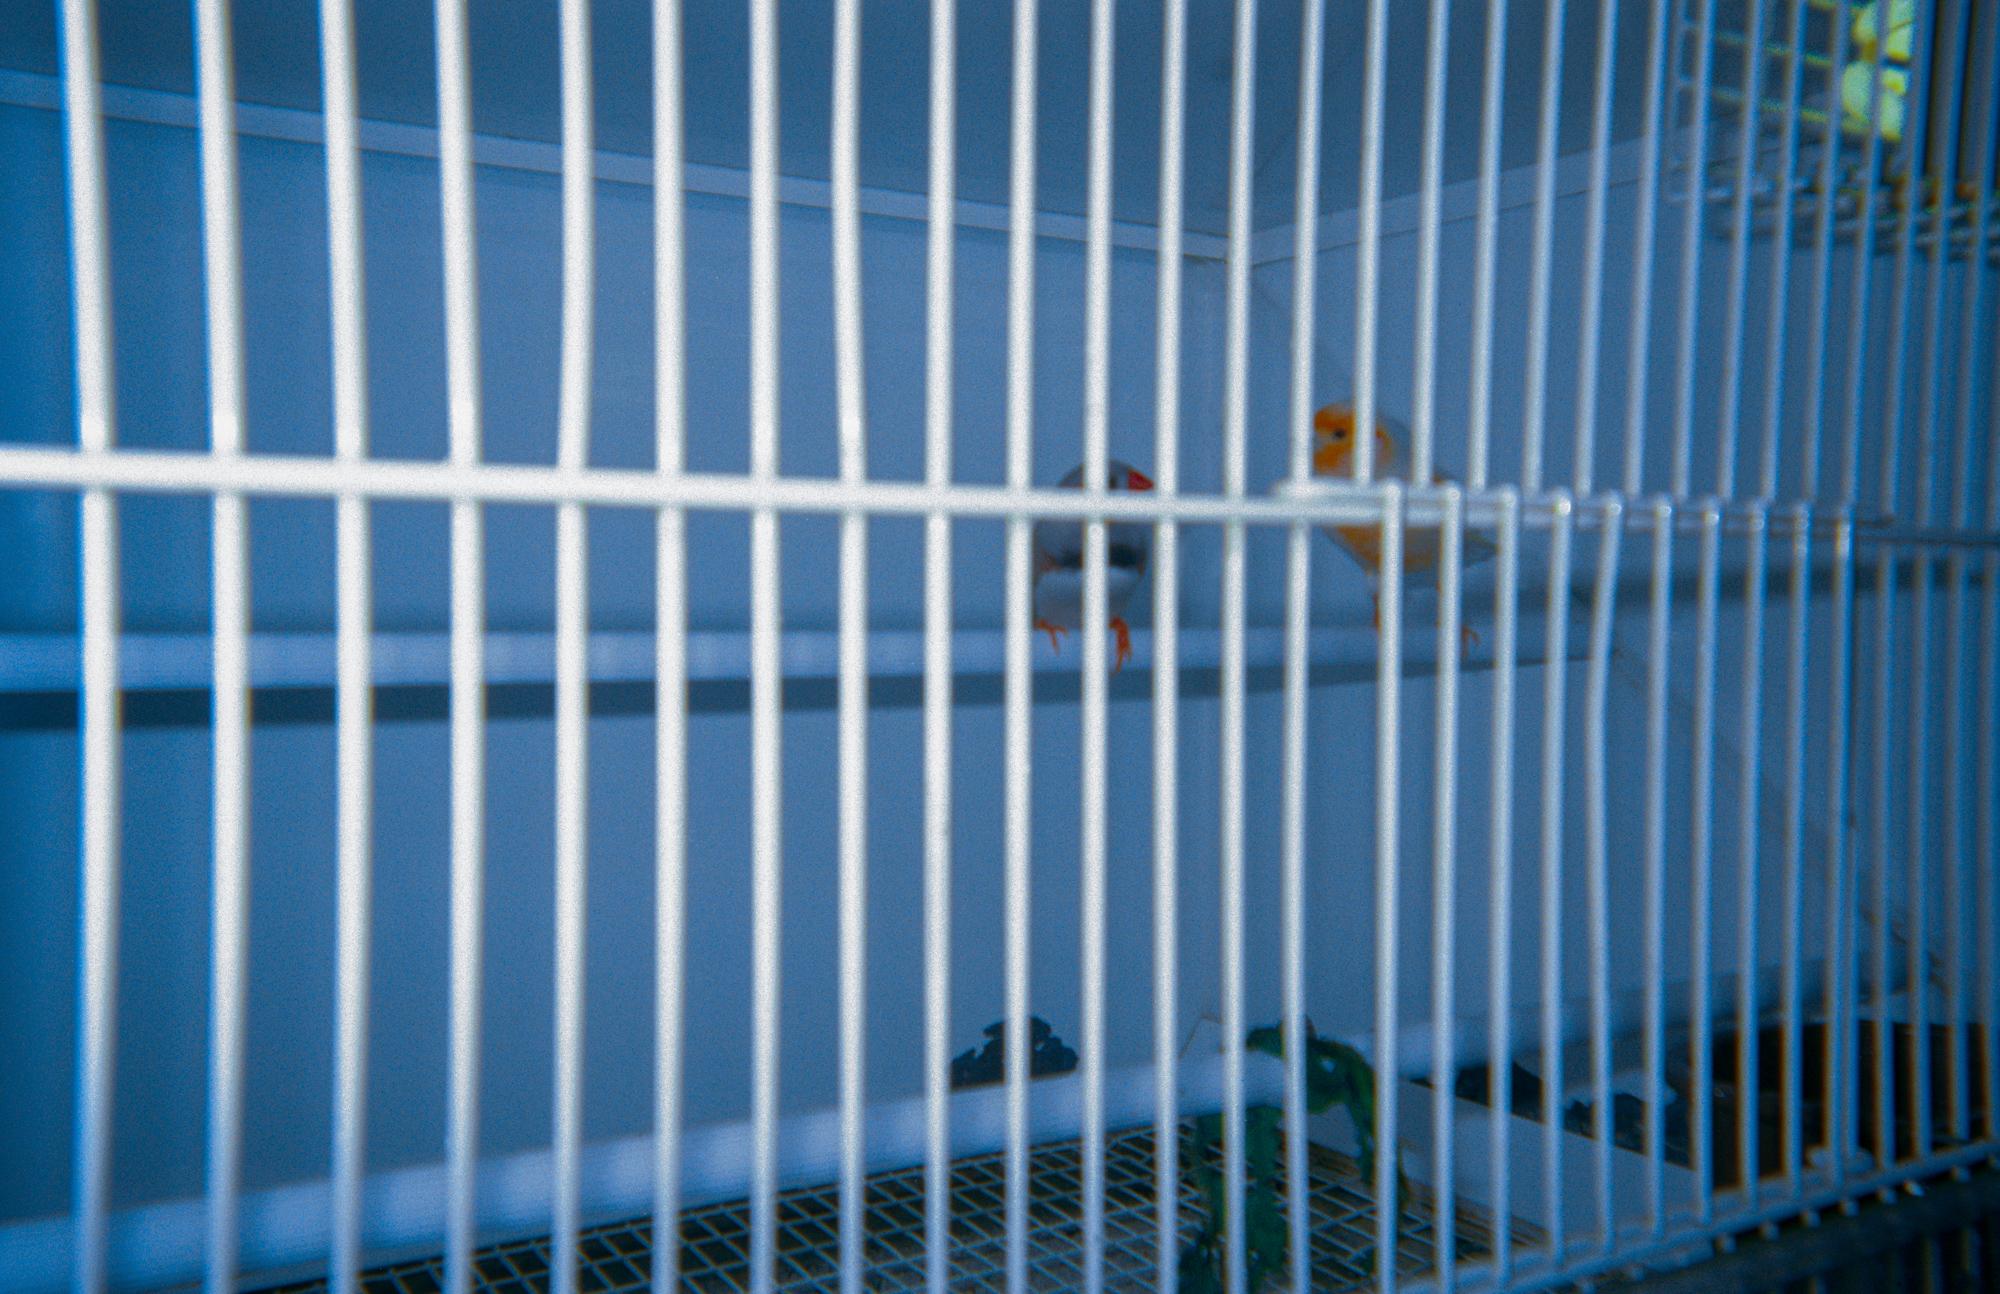 Caged Faith II